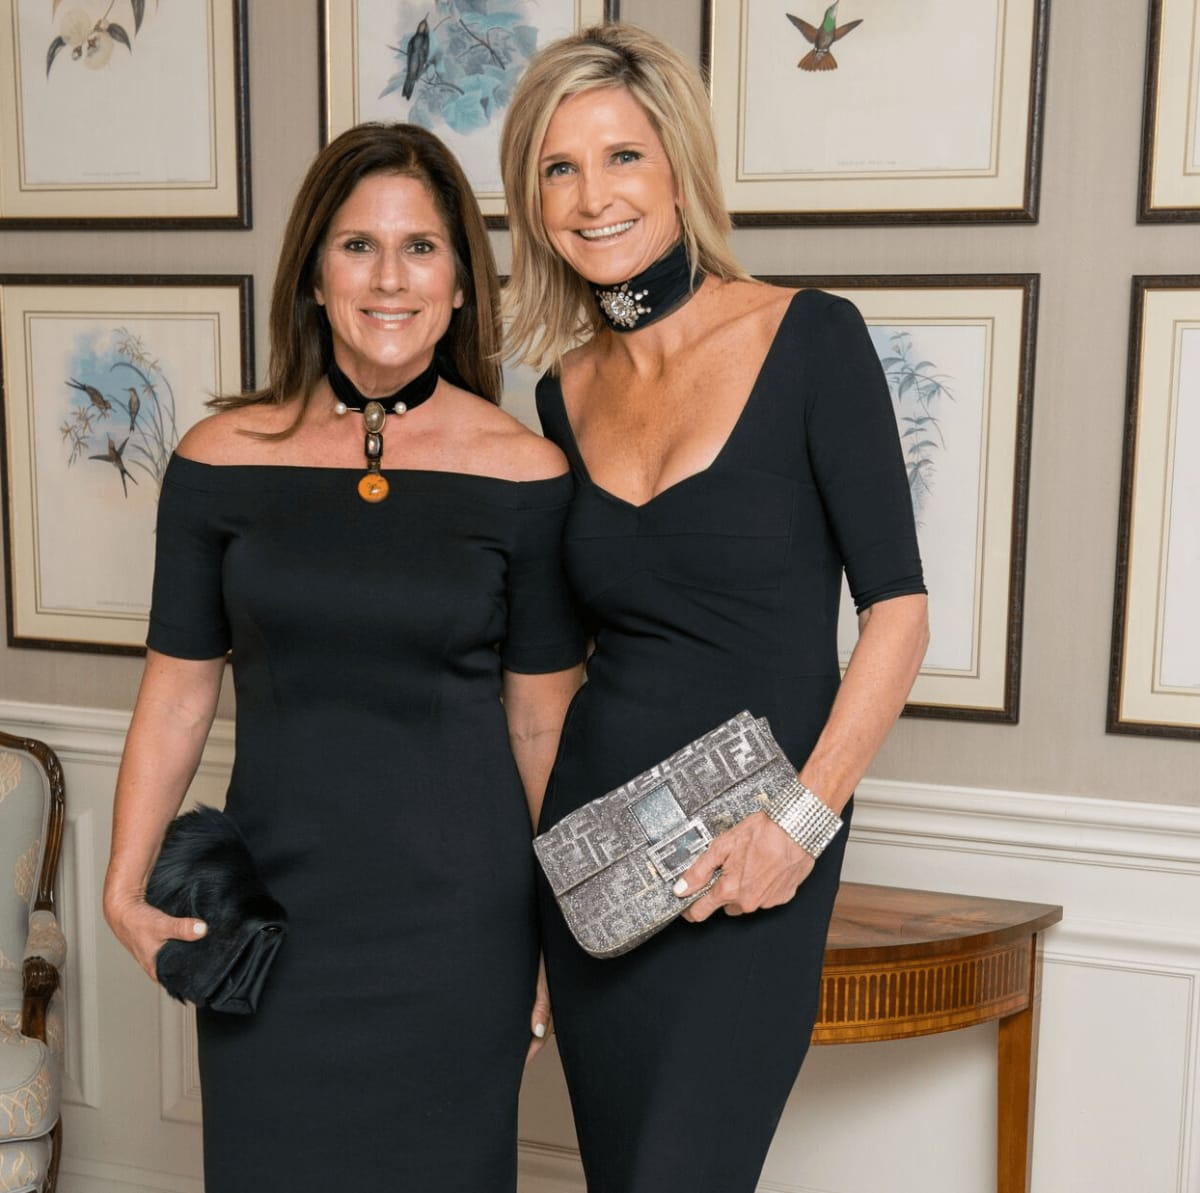 Laura Shoppa, Lisa McCord at Rice Honors Gala